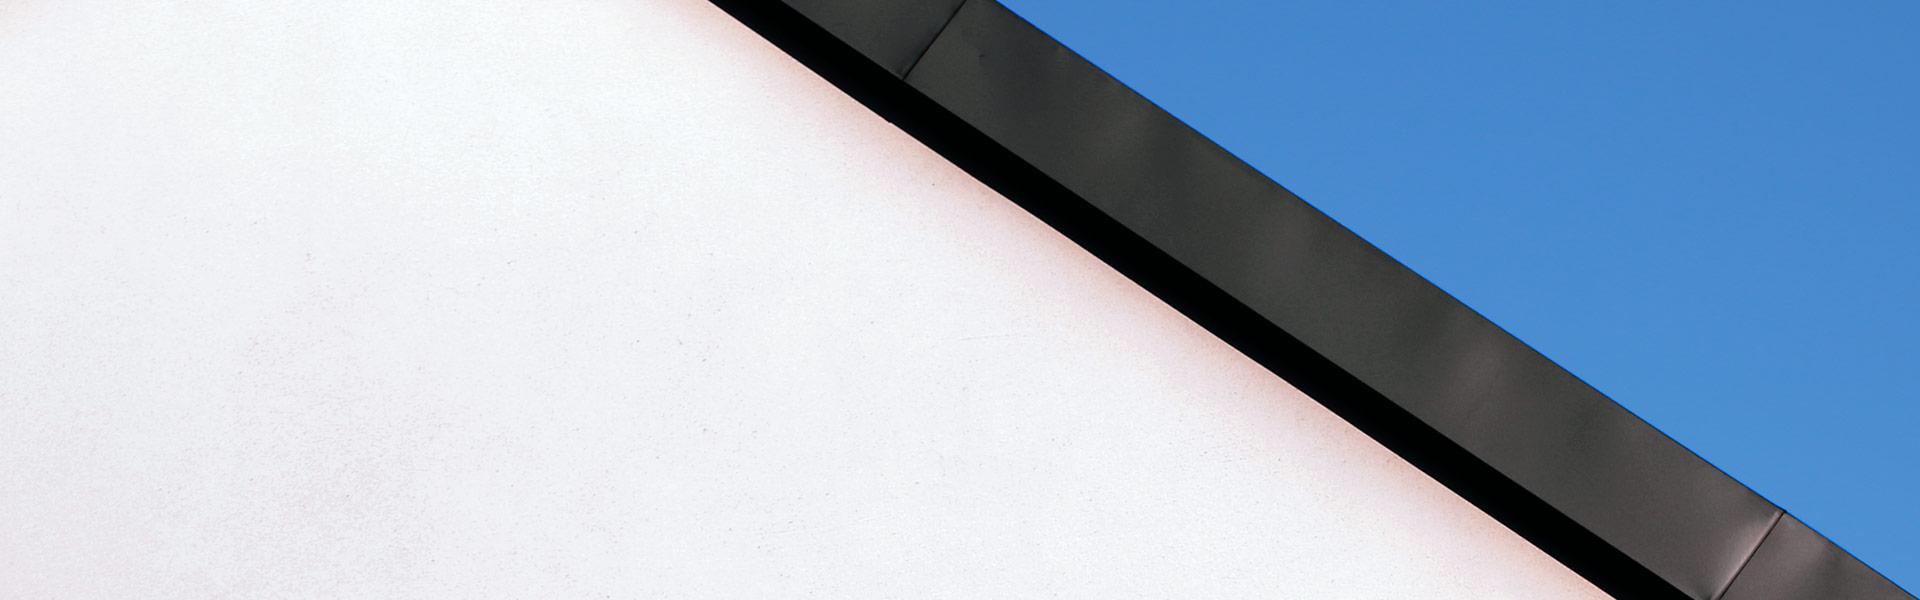 Bostadsrättsföreningen Granatäpplet